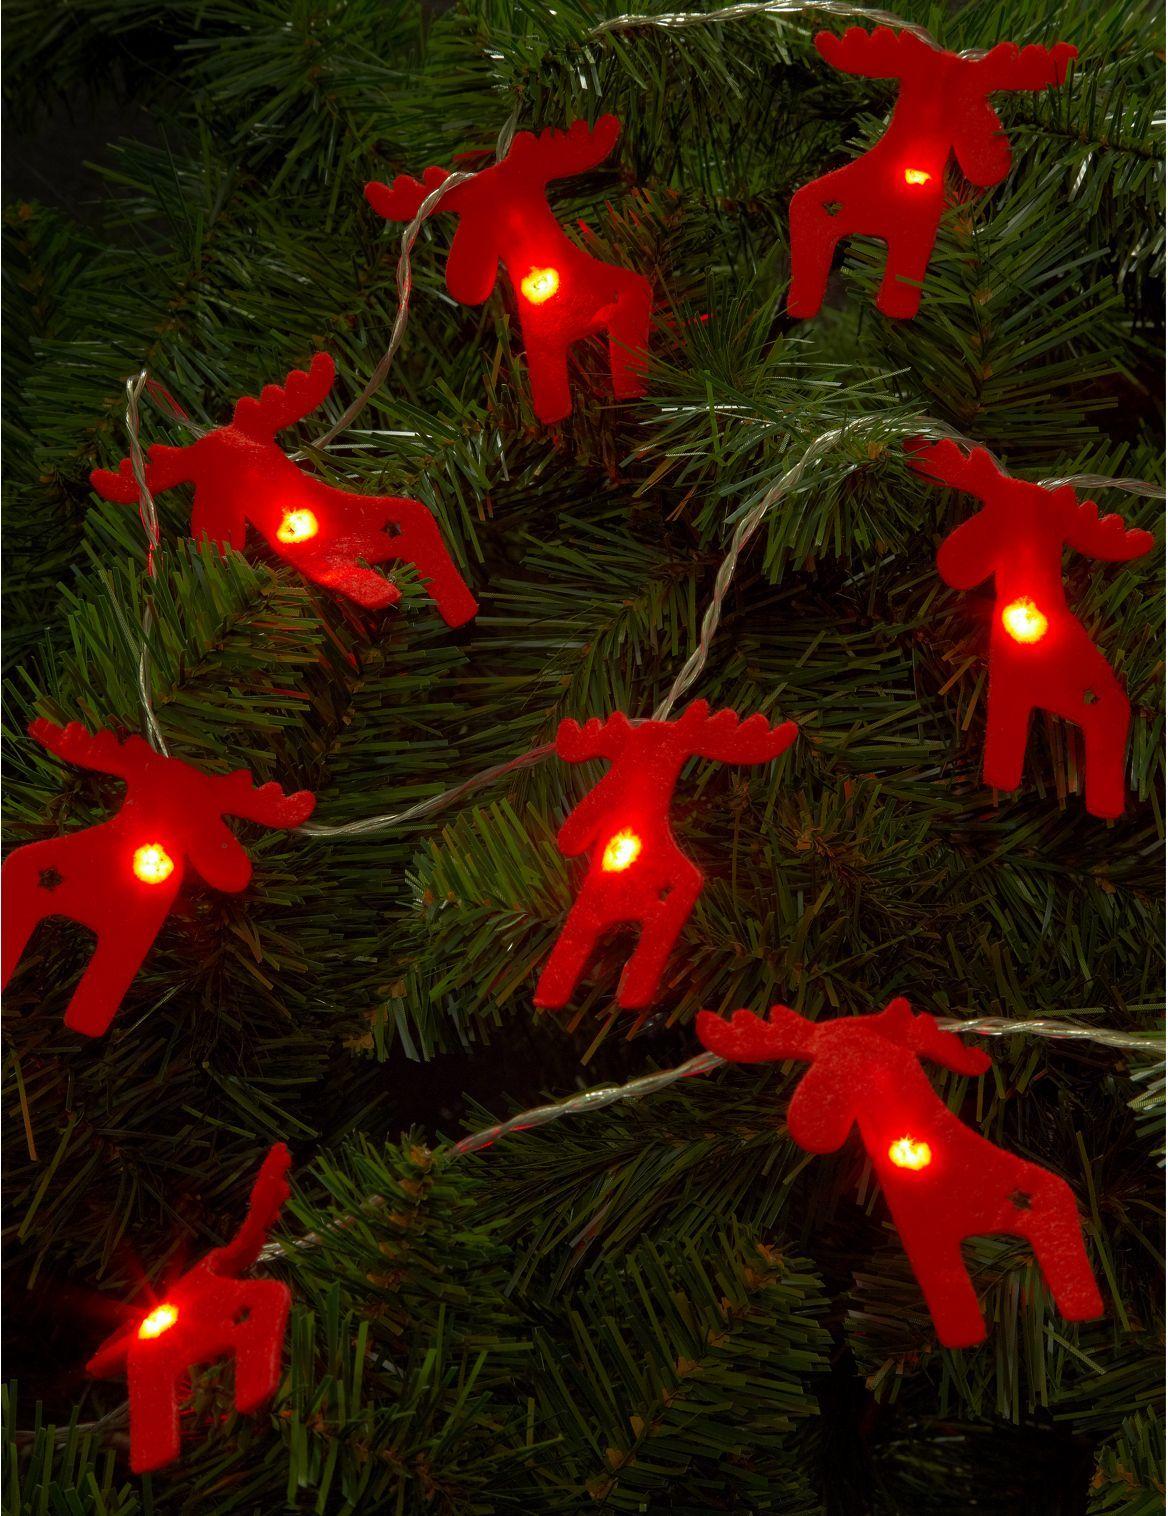 Guirlande Lumineuse De Noel A Piles De 12 Ampoules Led En Forme D